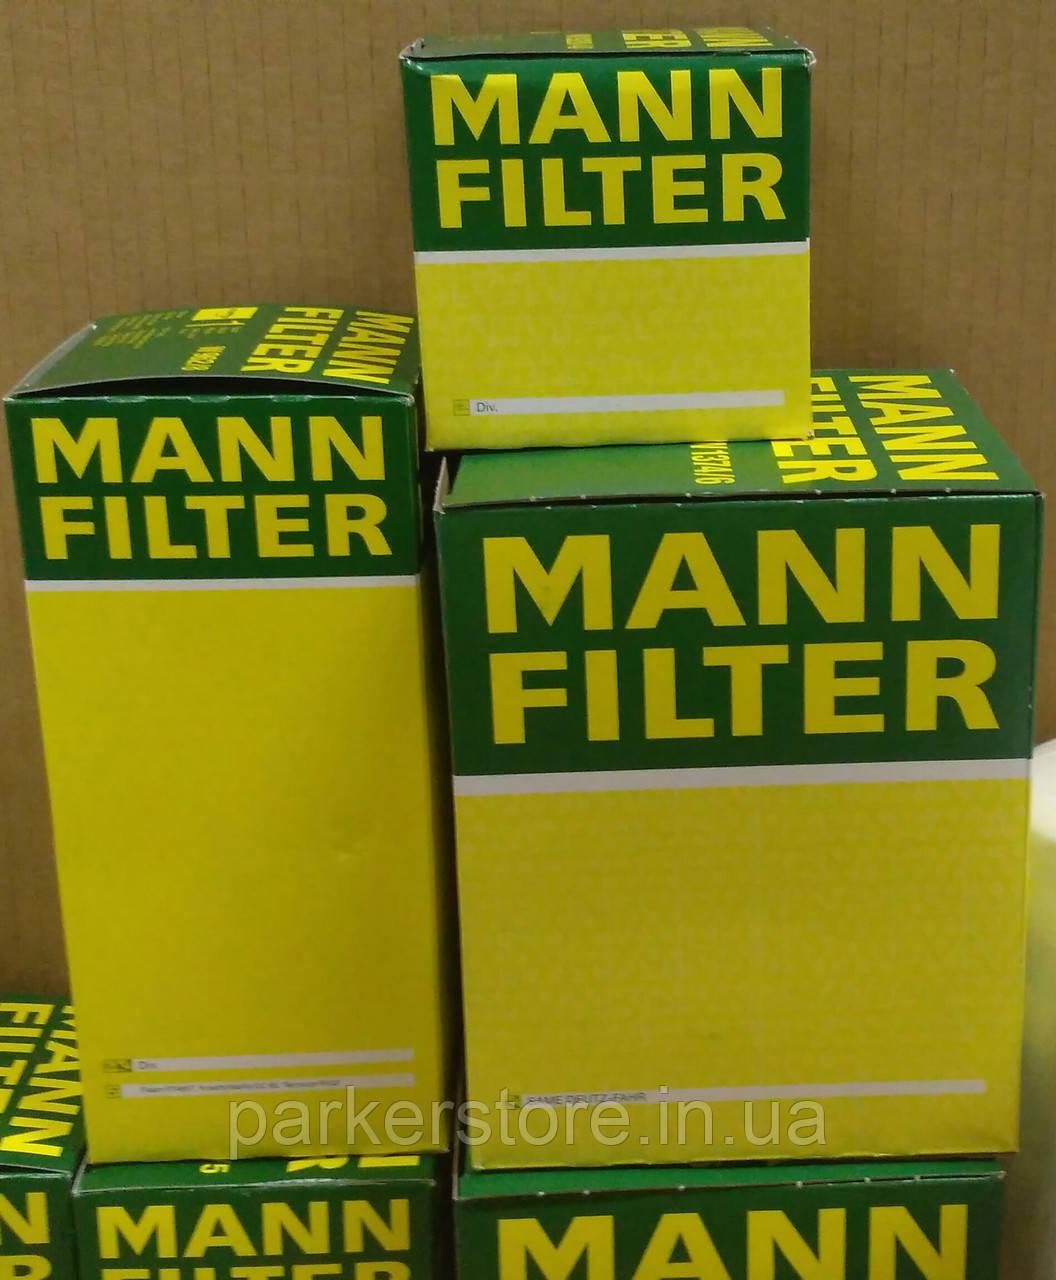 MANN FILTER / Воздушный фильтр / C 11 100 / C11100